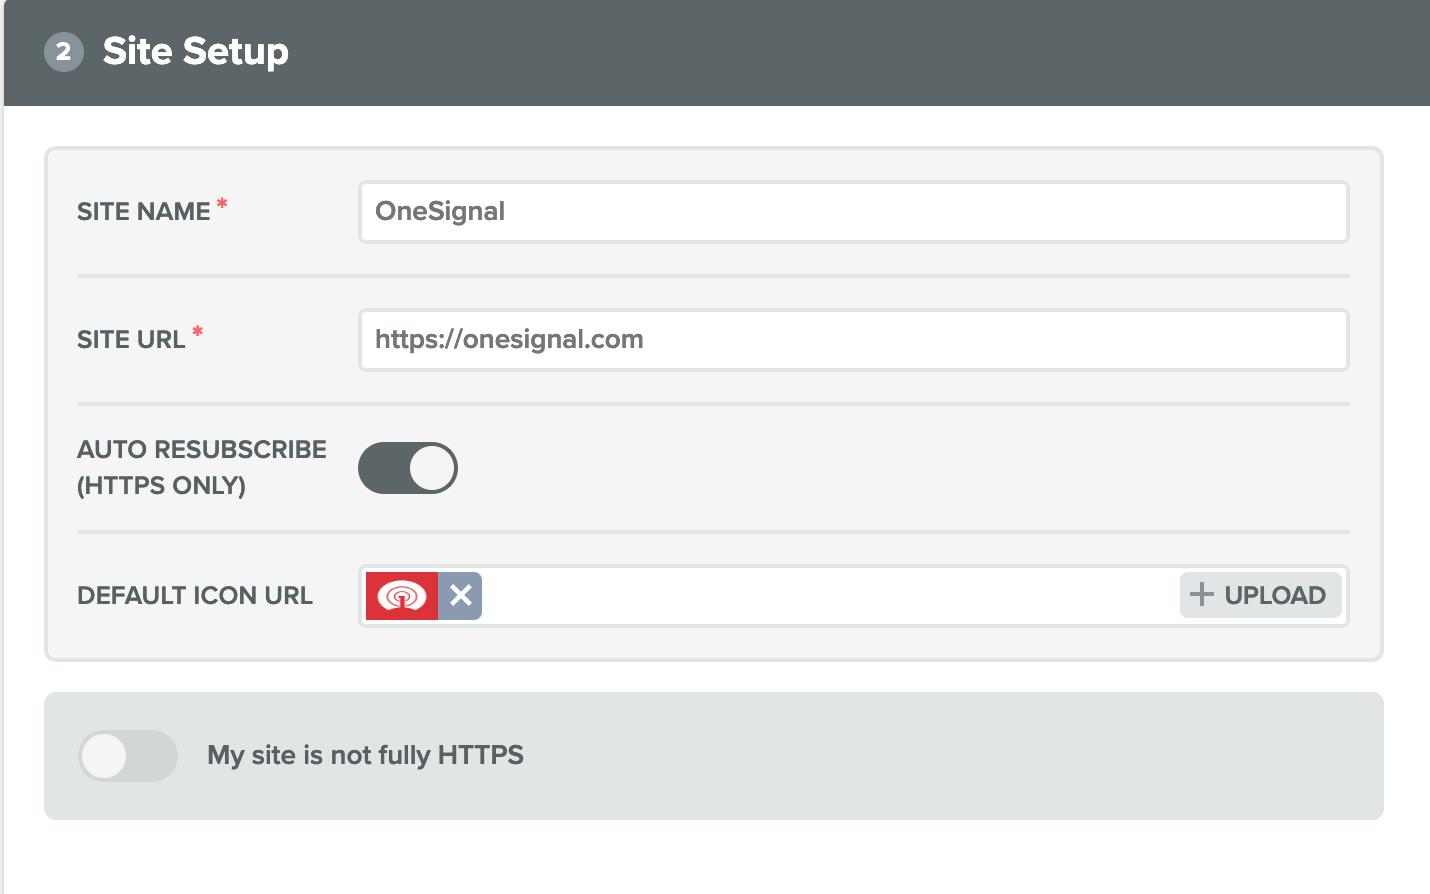 meu site não é totalmente https